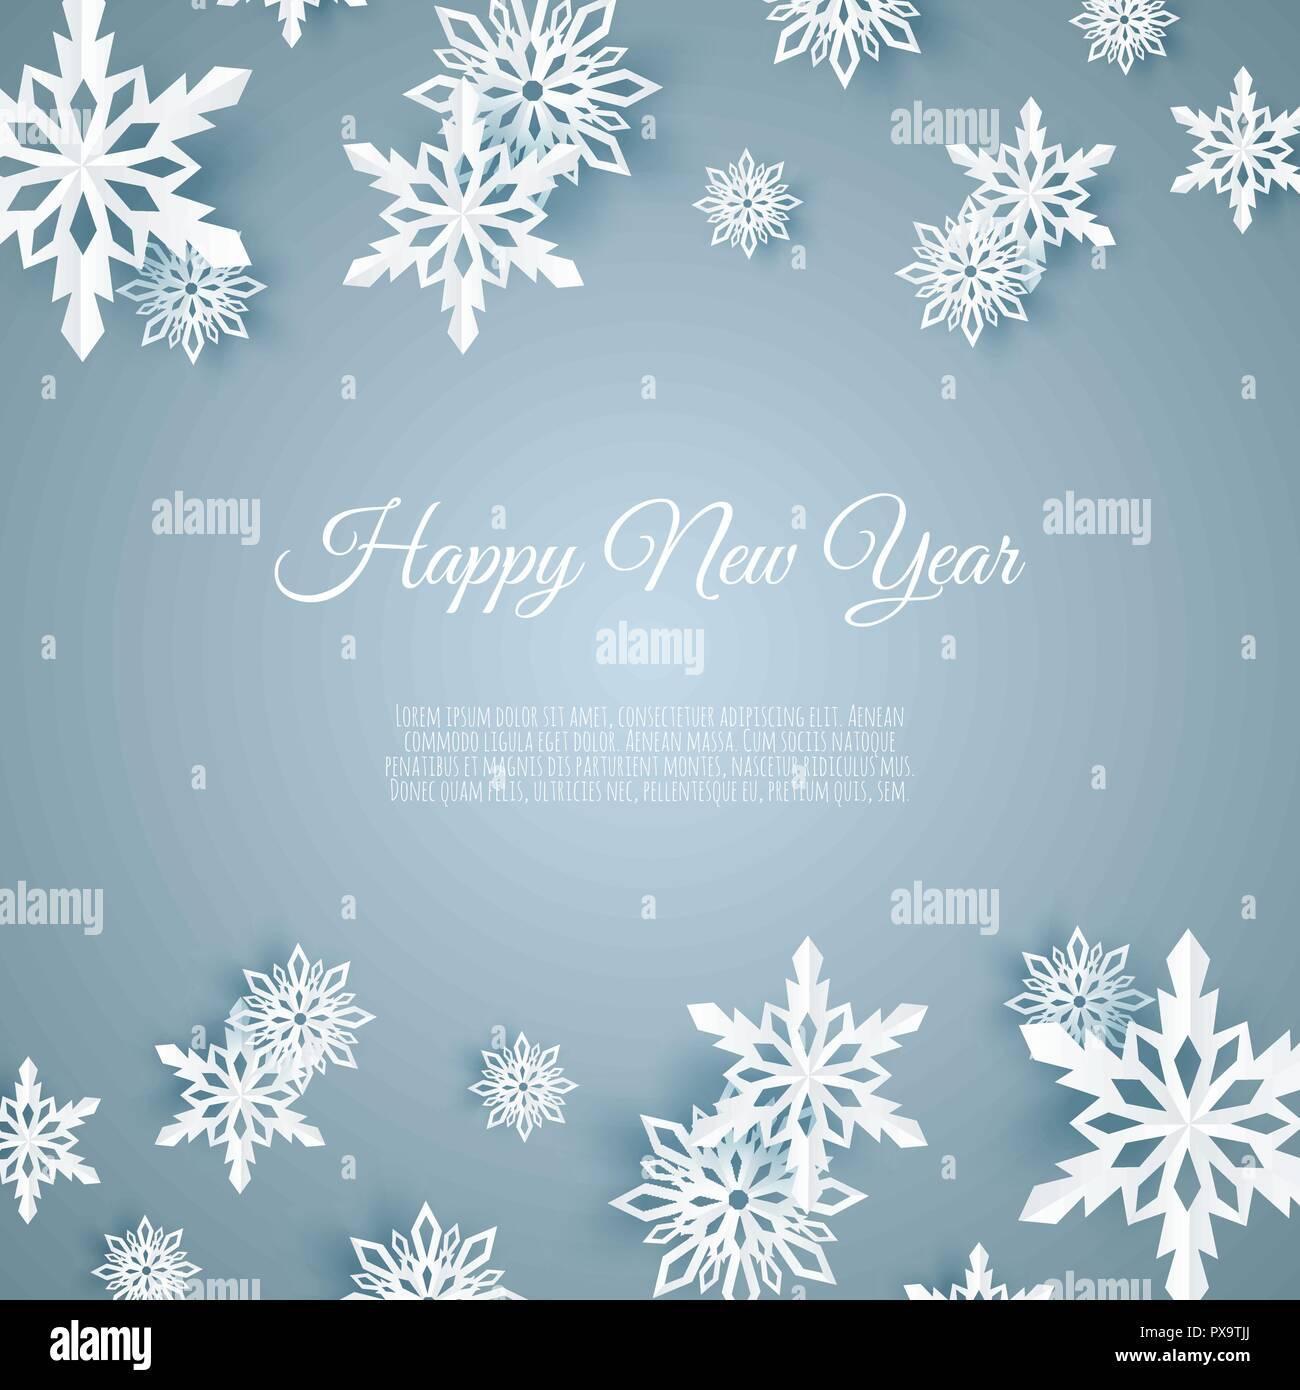 Weihnachtskarte Mit Papier Schneeflocke Fallende Schneeflocken Auf